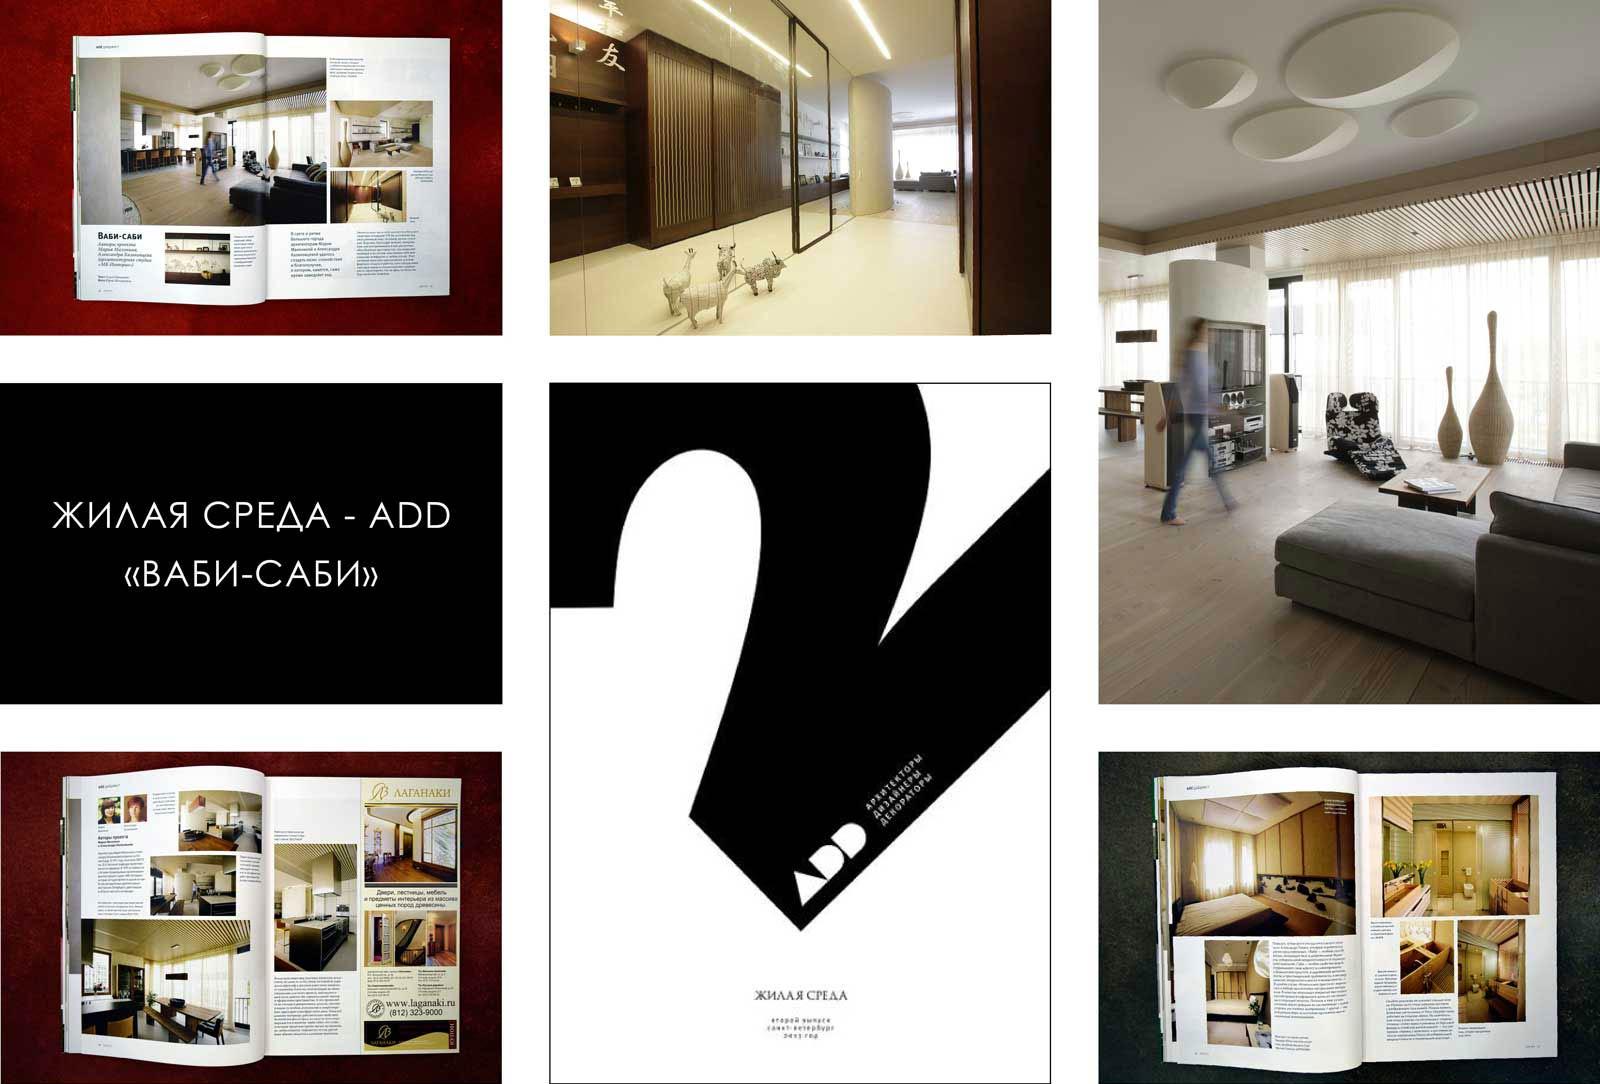 Интерьер с японской философией. Архитекторы дизайнеры, декораторы. Жилая среда - Add №2